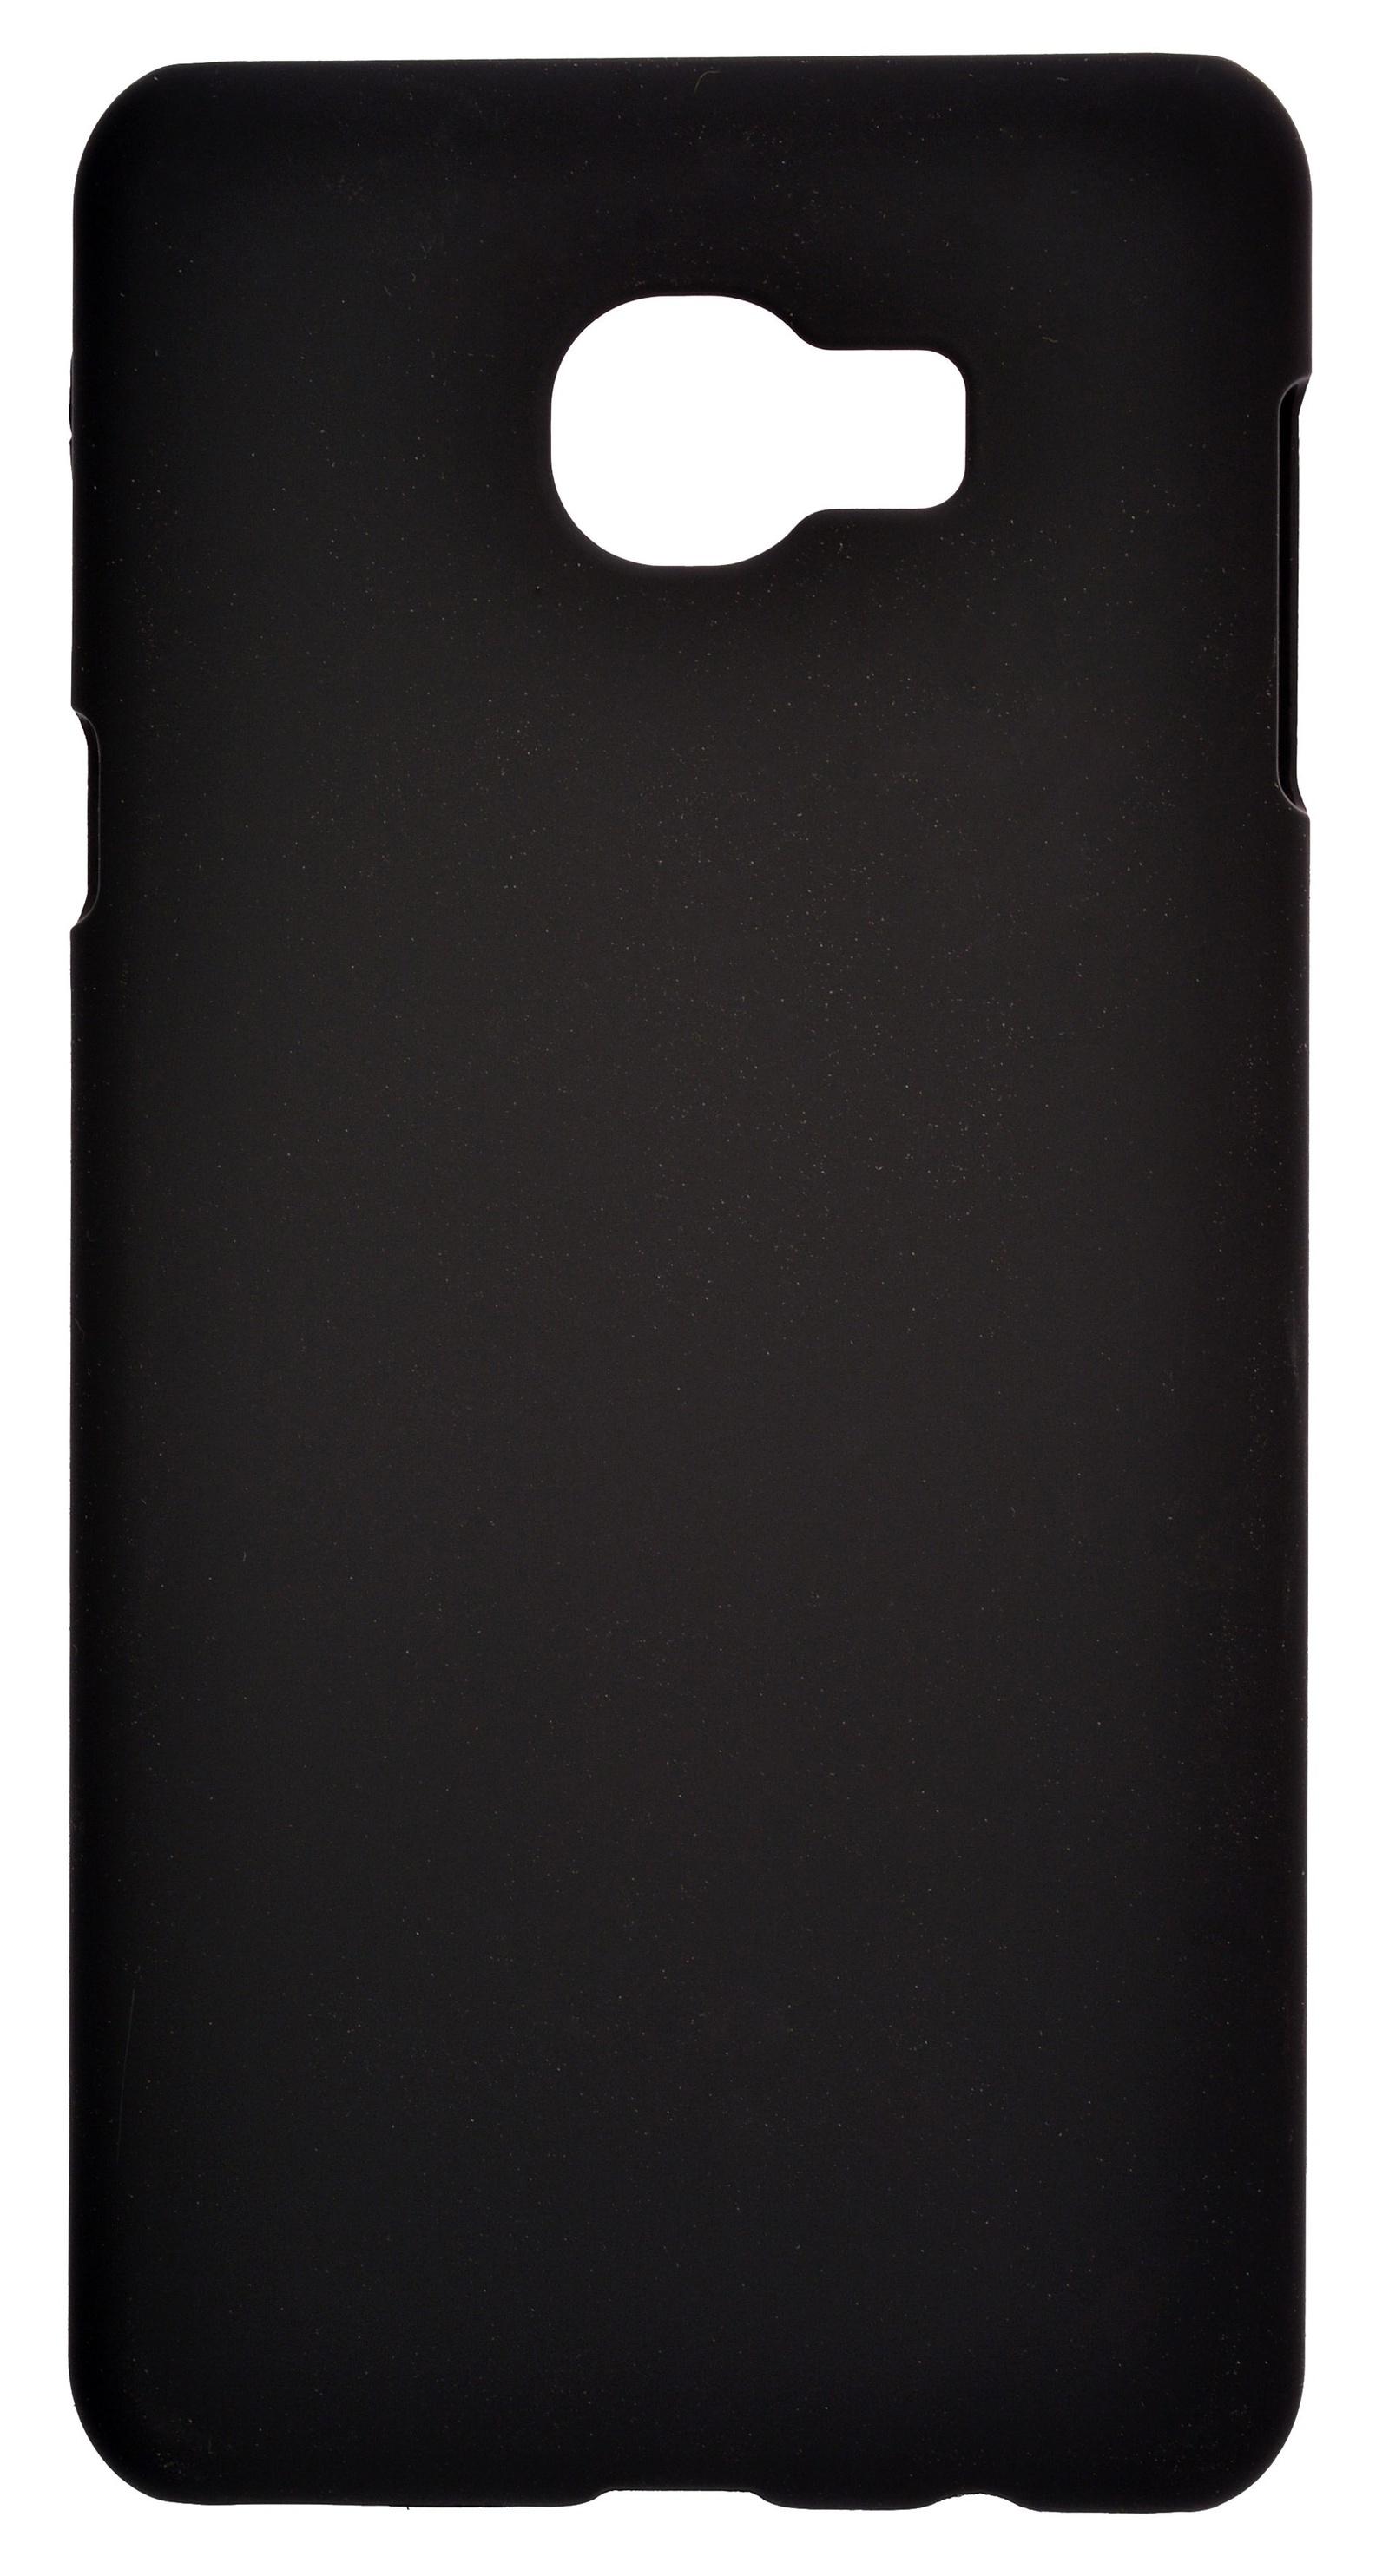 Фото - Чехол для сотового телефона skinBOX 4People, 4630042524675, черный чехол для сотового телефона skinbox 4people 4660041407501 черный